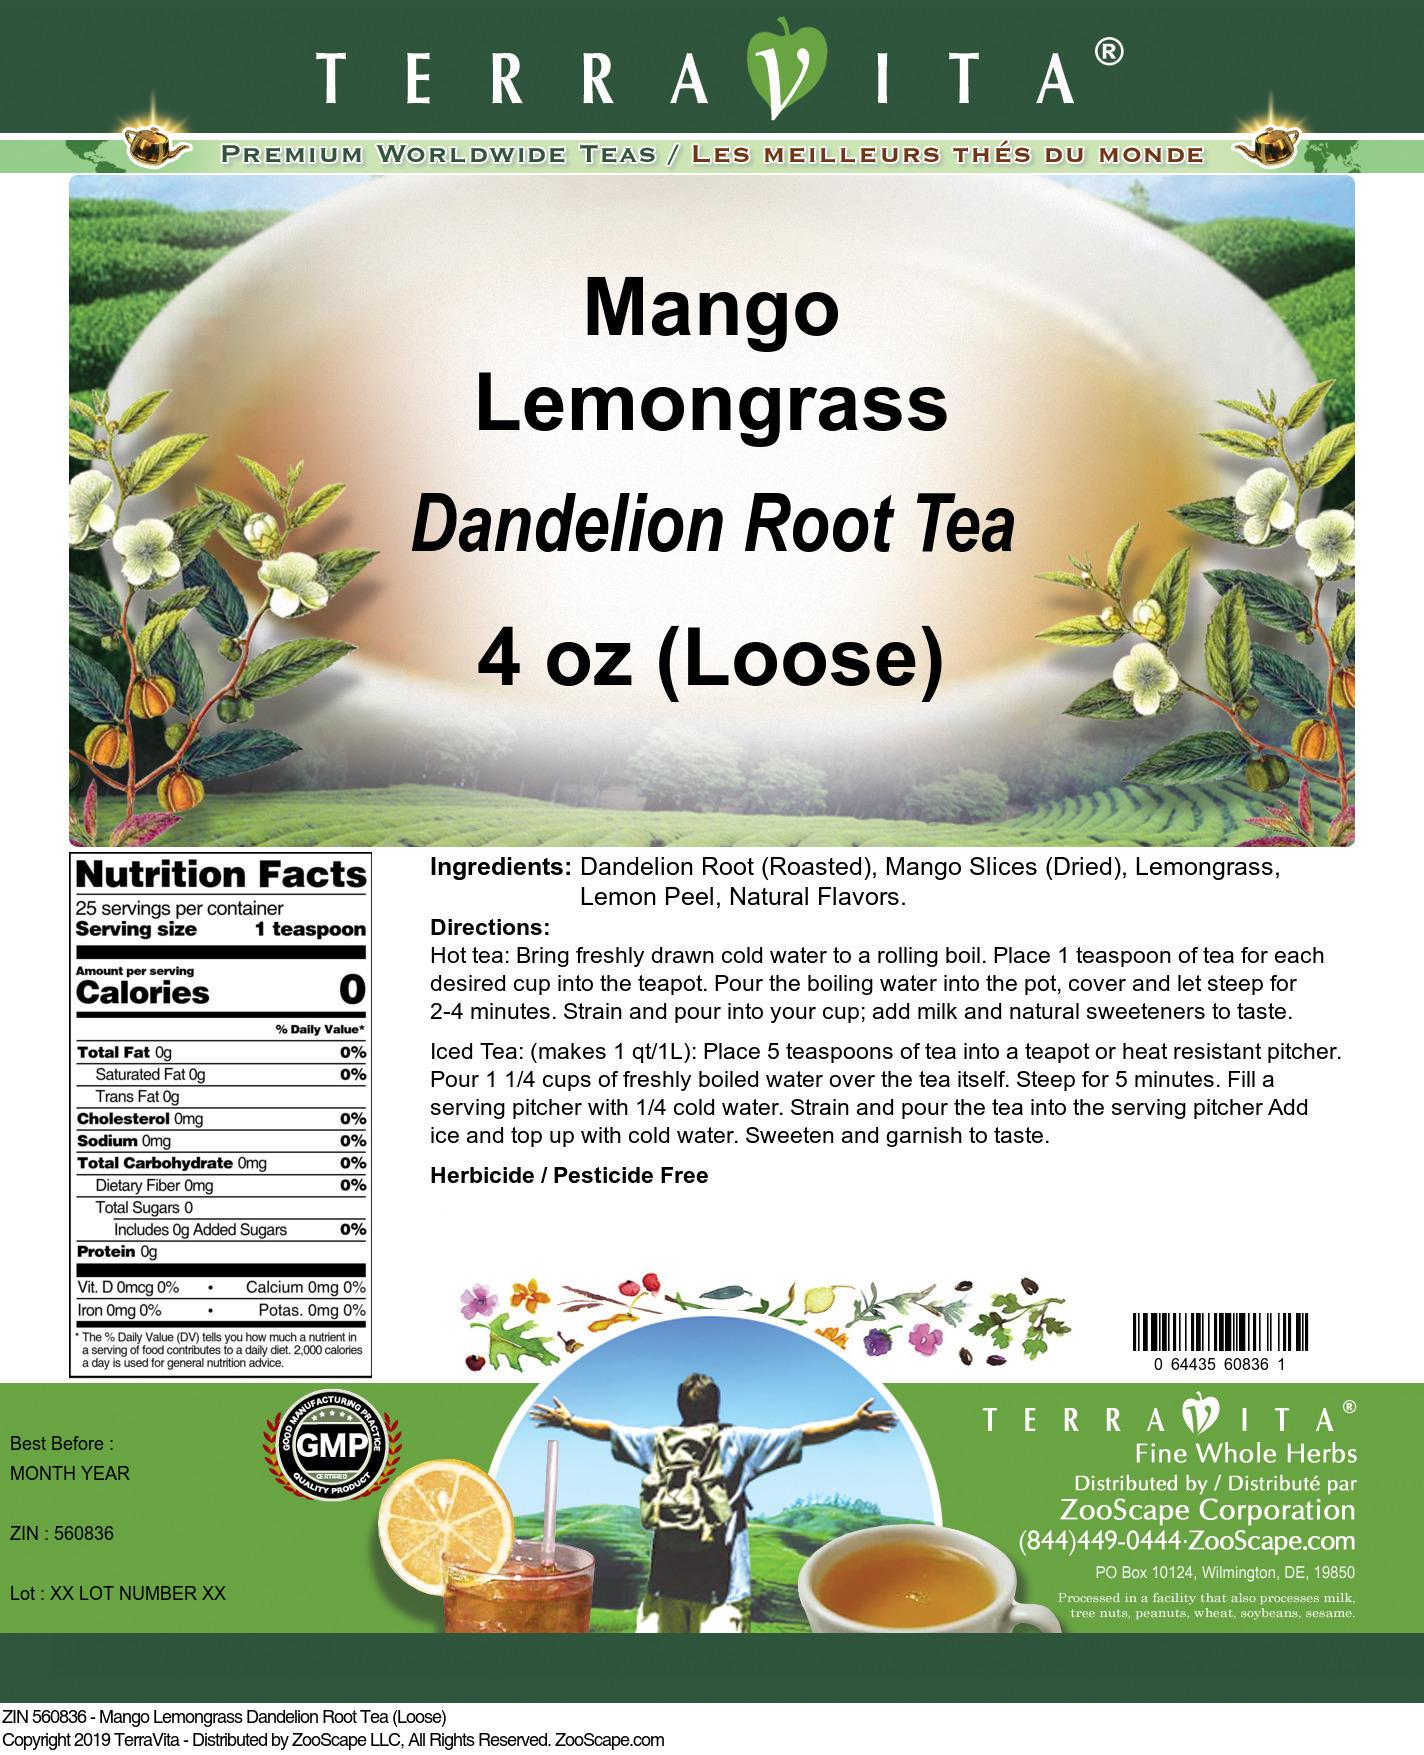 Mango Lemongrass Dandelion Root Tea (Loose)